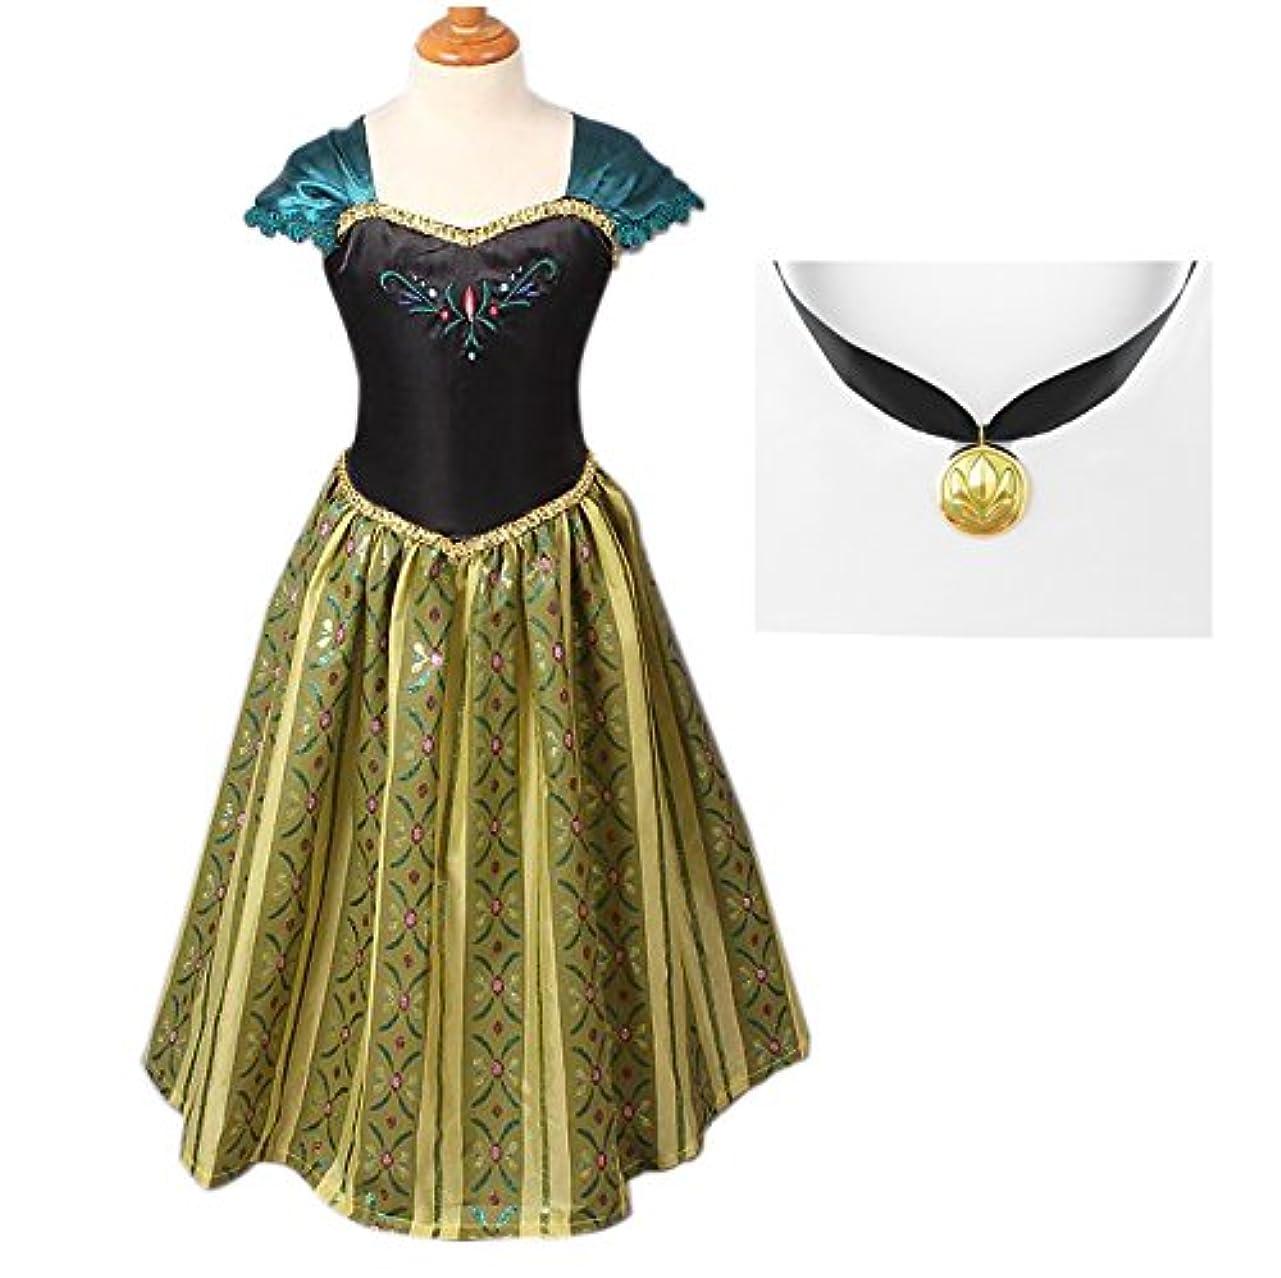 にはまってインチ委員長【コスプレ】アナと雪の女王 アナ 子供用ドレス プリンセスネックレスセット (120)